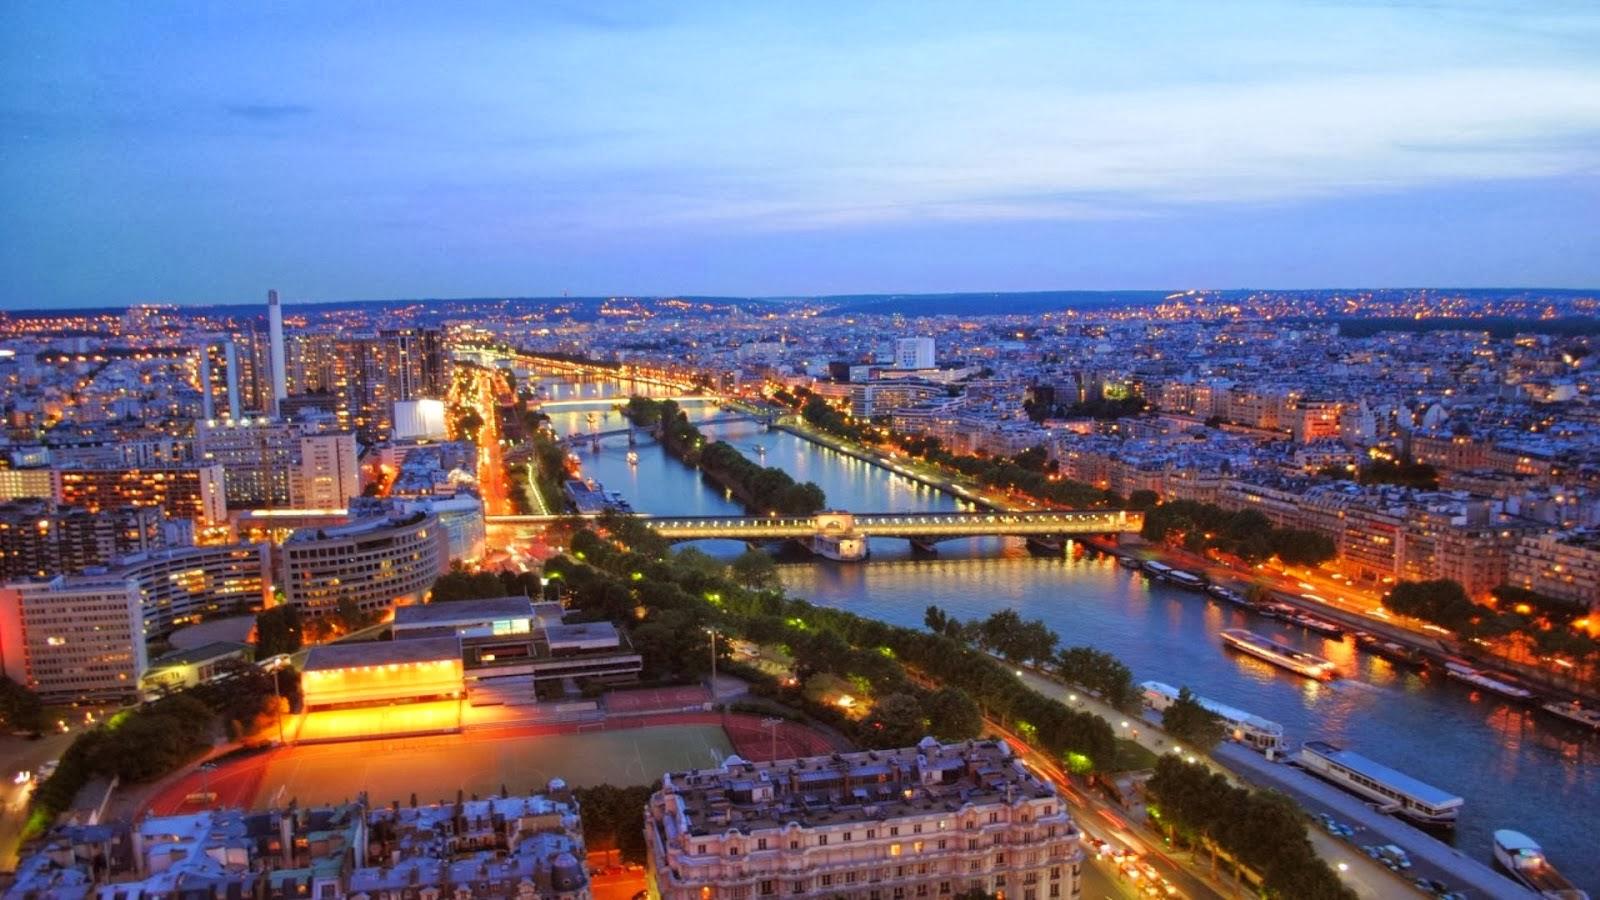 [46+] Paris HD Wallpapers On WallpaperSafari